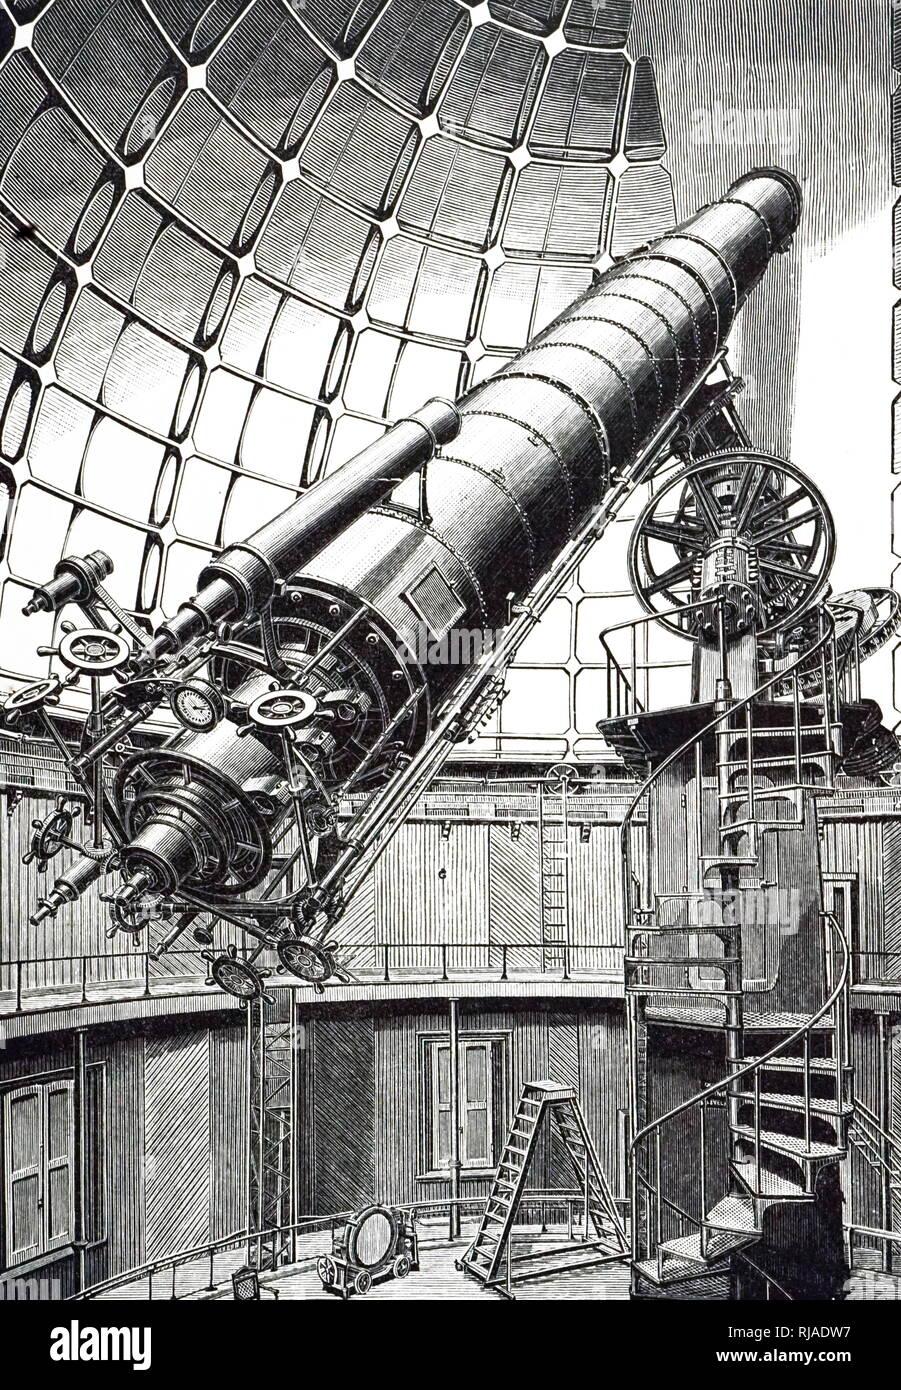 """Una incisione raffigurante un 36 pollici rifrattore al leccare Osservatorio. Uno del mondo più grande di due rifrattori è su un """" Tedesco """" Stile di montaggio equatoriale, con asse parallelo a terra asse polare supportato su un pilastro di alta. Il peso di controbilanciamento per il telescopio mostra chiaramente. In data xx secolo Immagini Stock"""